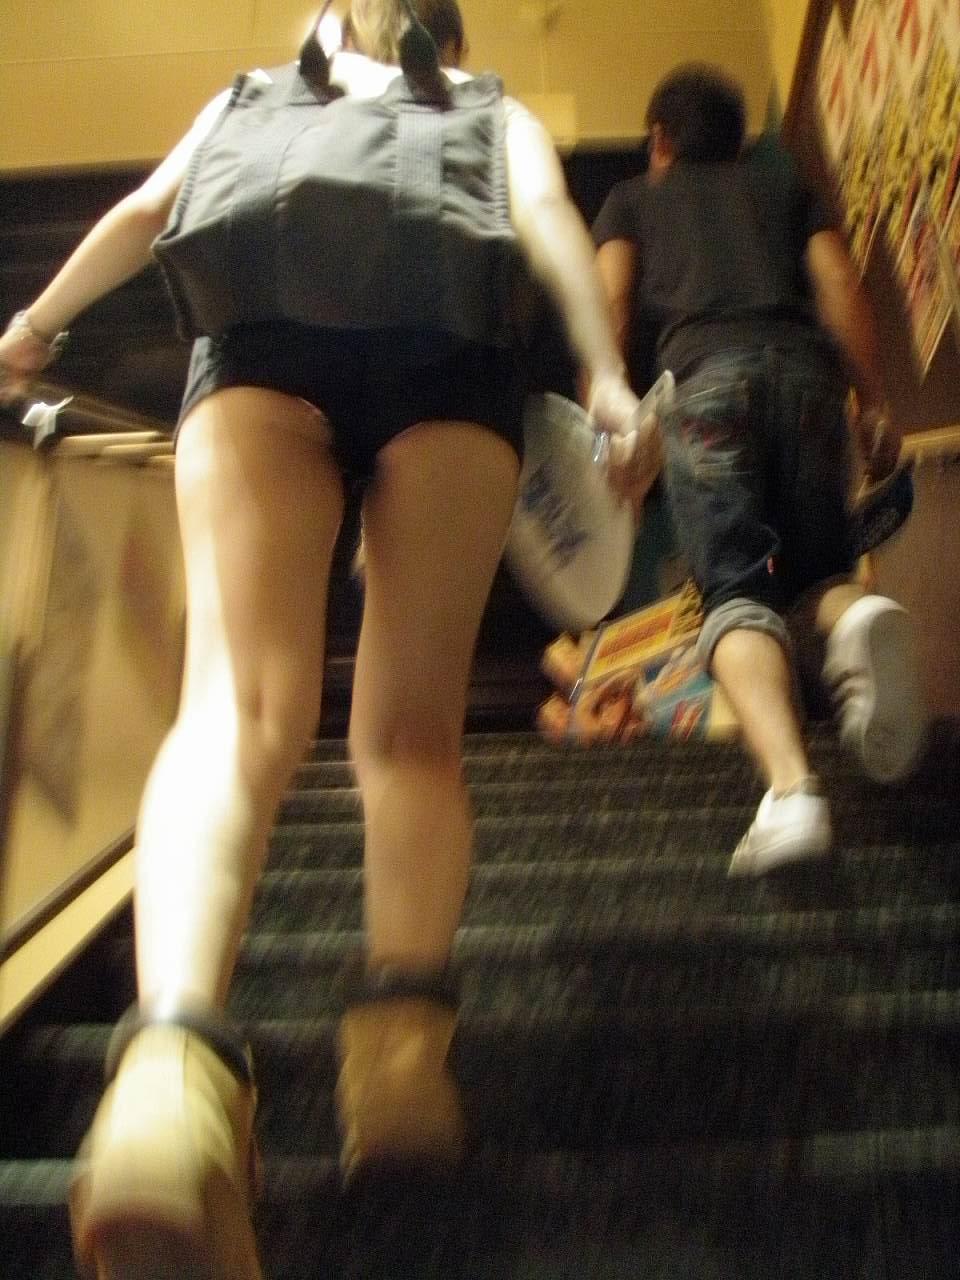 むっちり太ももが露わになるホットパンツを履いた素人娘の街撮りエロ画像 976